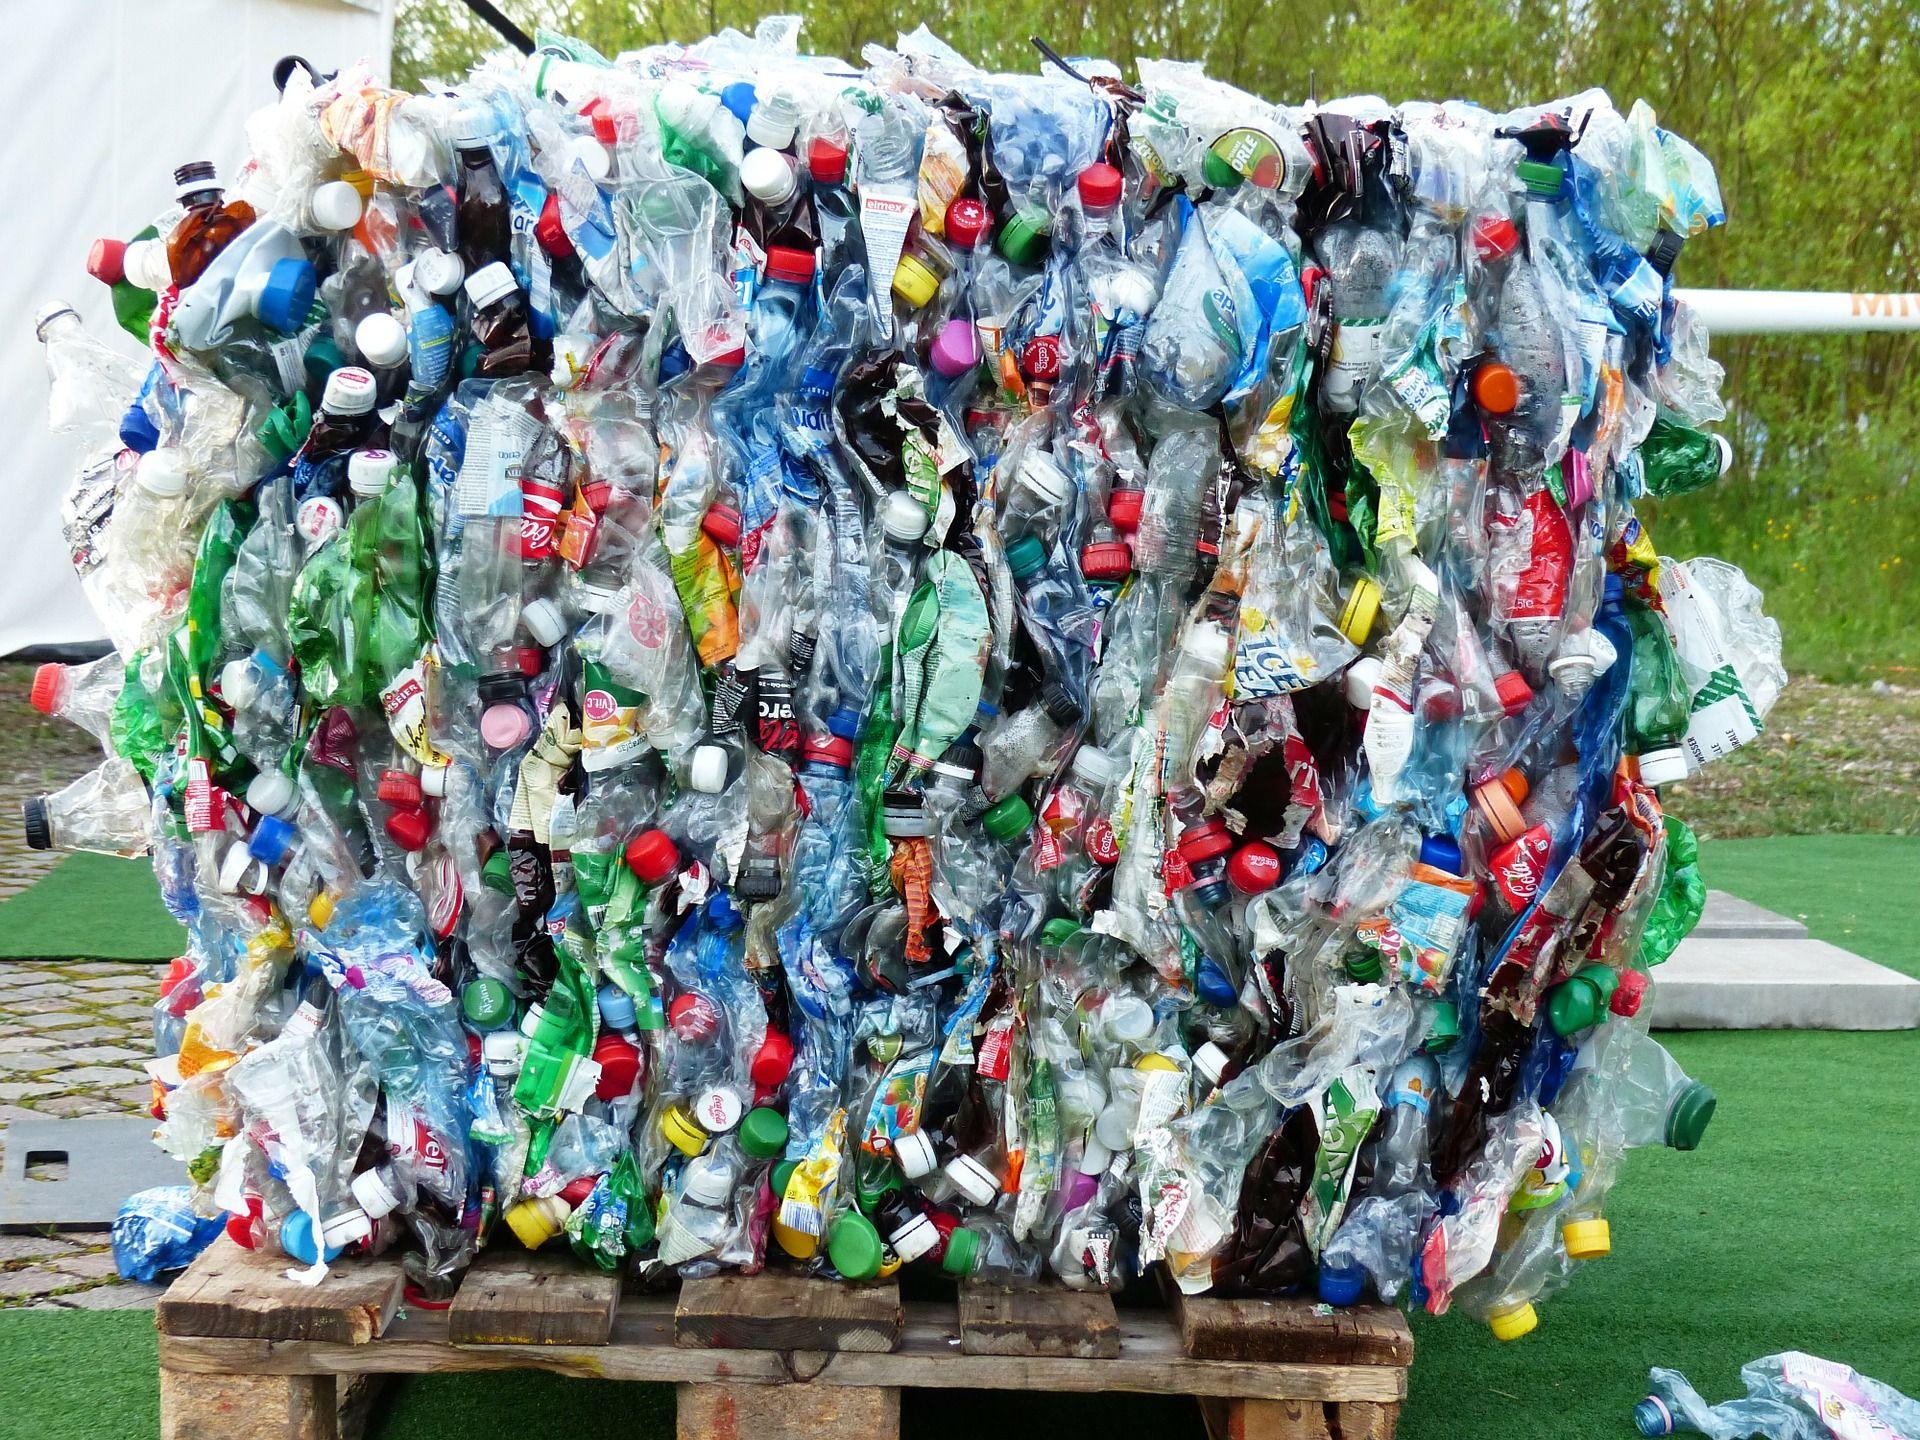 Usina de Reciclagem de plásticos em Juazeiro do Norte-CE Brasil